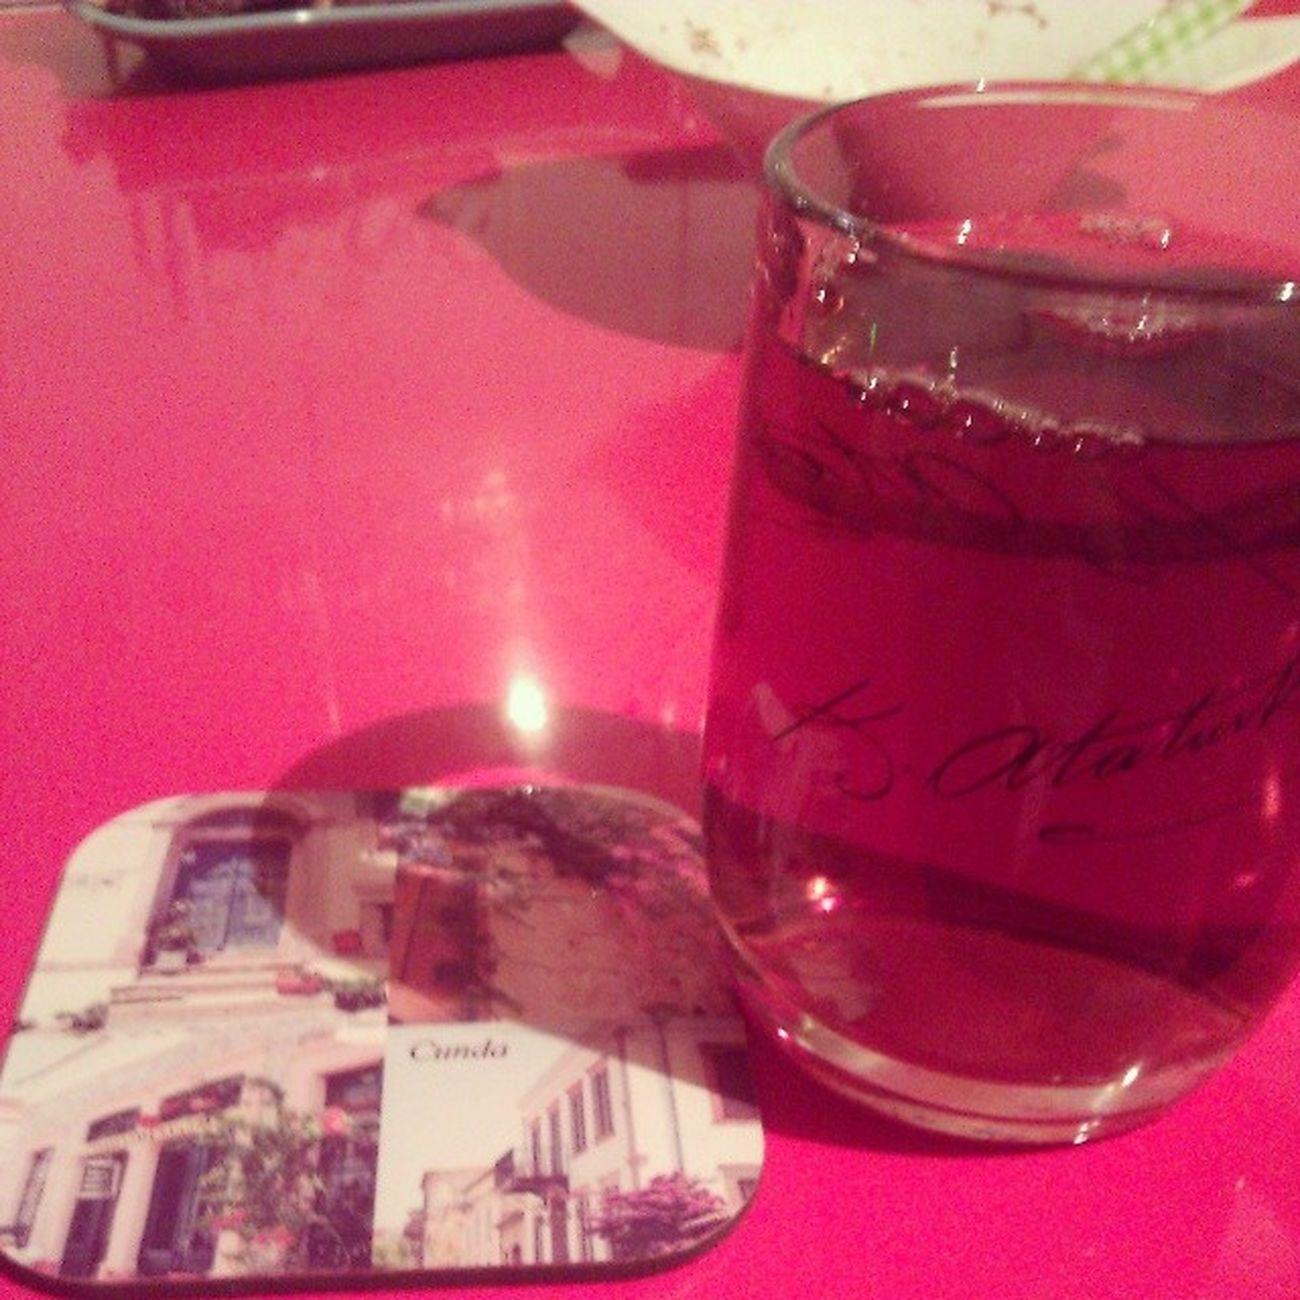 MustafaKemalAtatürk Cunda Devre arasi keyif çayi ŞikeciİbnelerSiktirinGidin